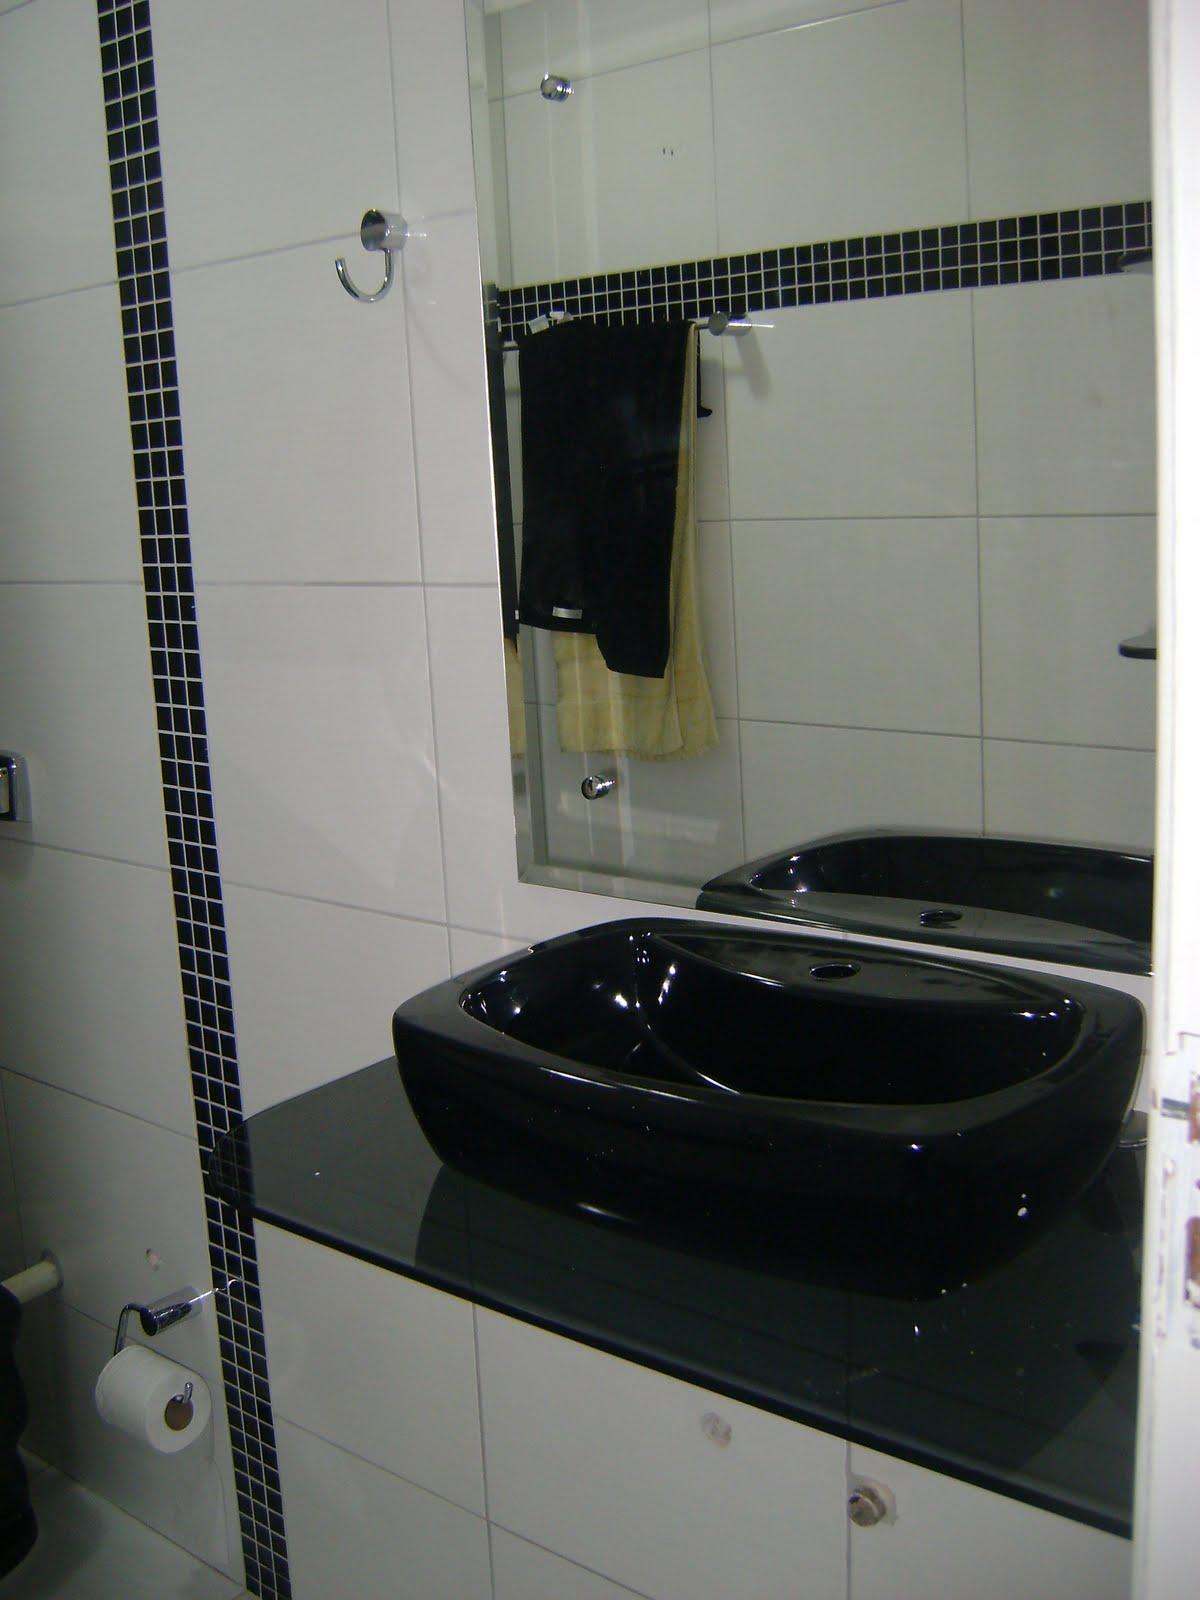 Imagens de #656447 Bazar do Alumínio: BOX BLINDEX PARA BANHEIRO CONFIRA NOSSOS  1200x1600 px 3068 Box Banheiro Blindex Recife